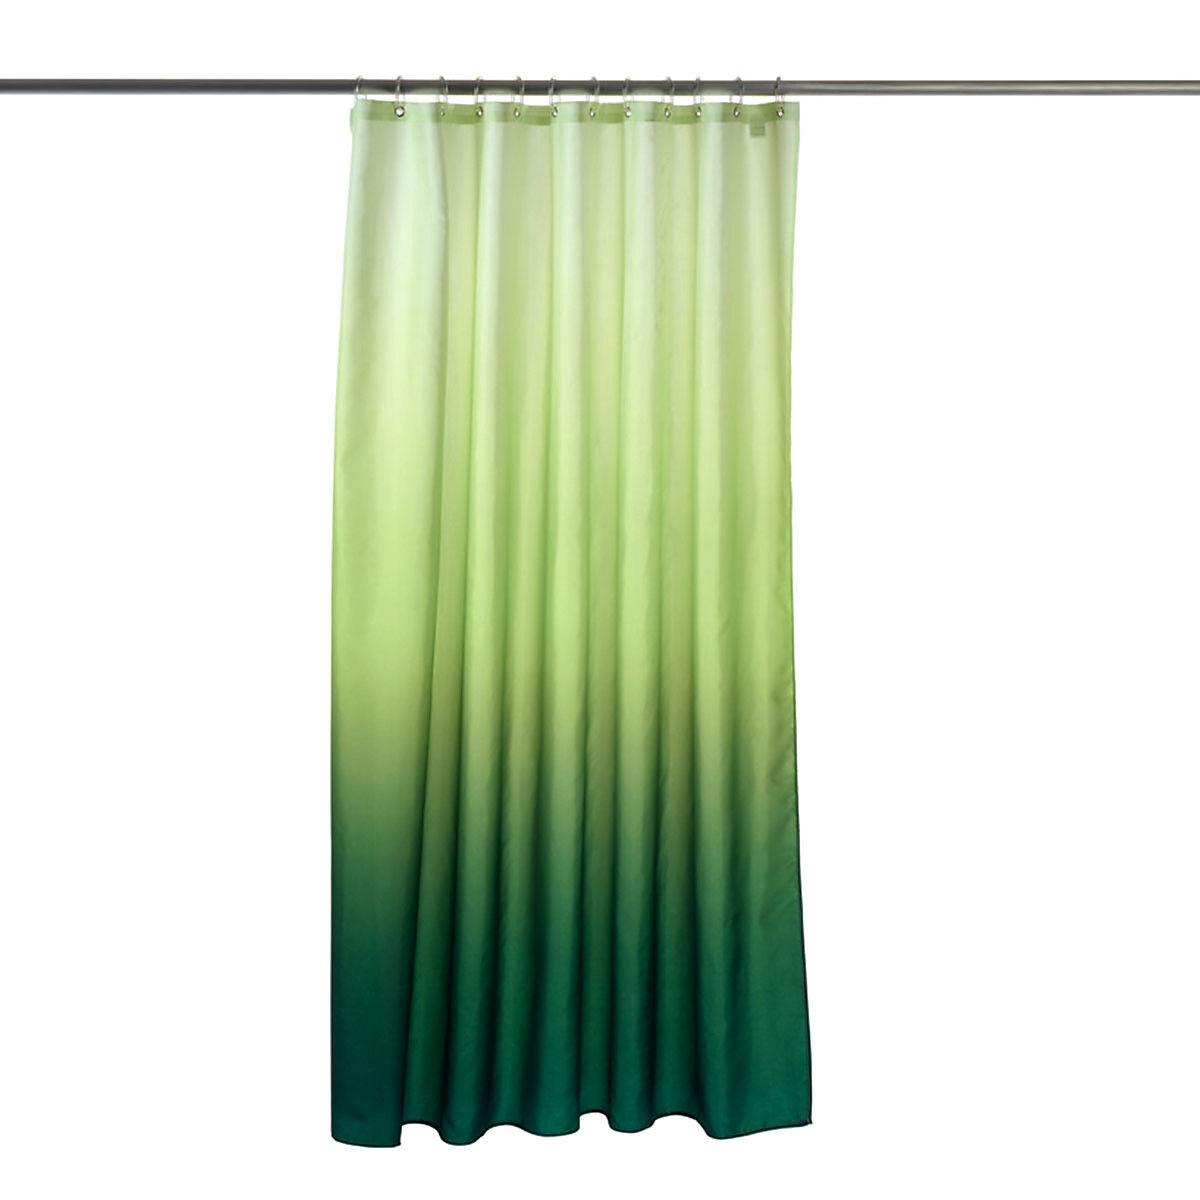 duschvorhang farbverlauf ca b 180 x l 200 cm gr n depot de. Black Bedroom Furniture Sets. Home Design Ideas